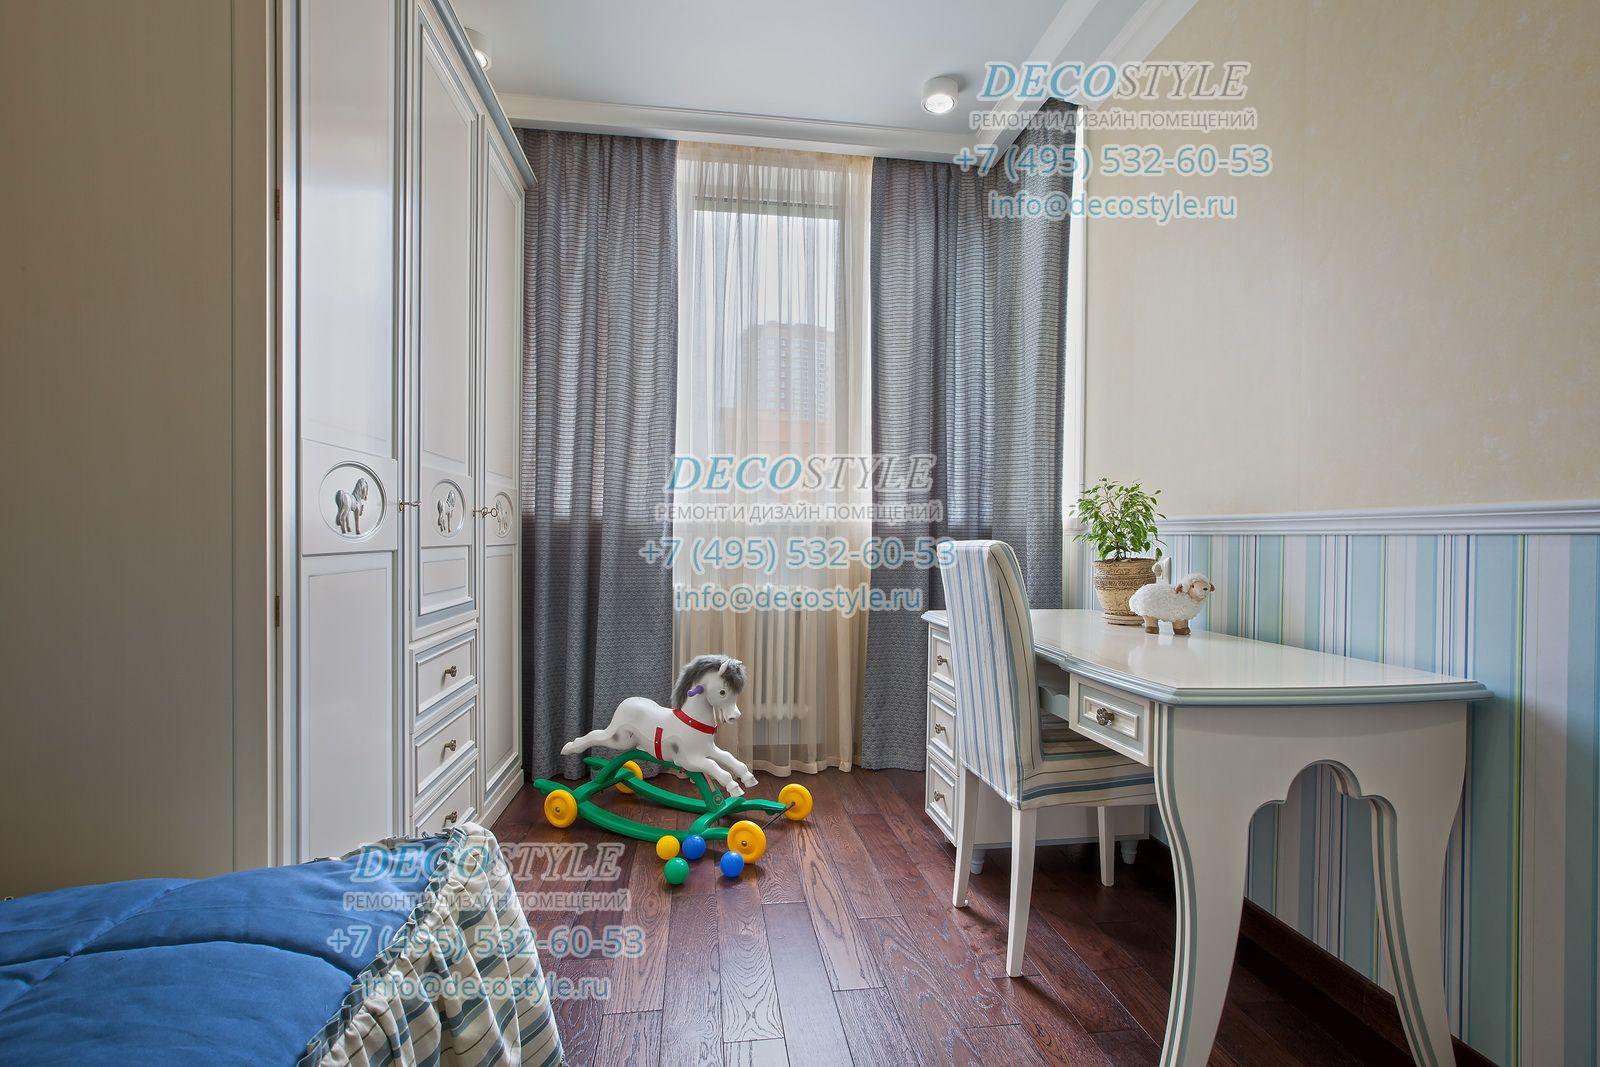 Ремонт и отделка квартир под ключ в СПб